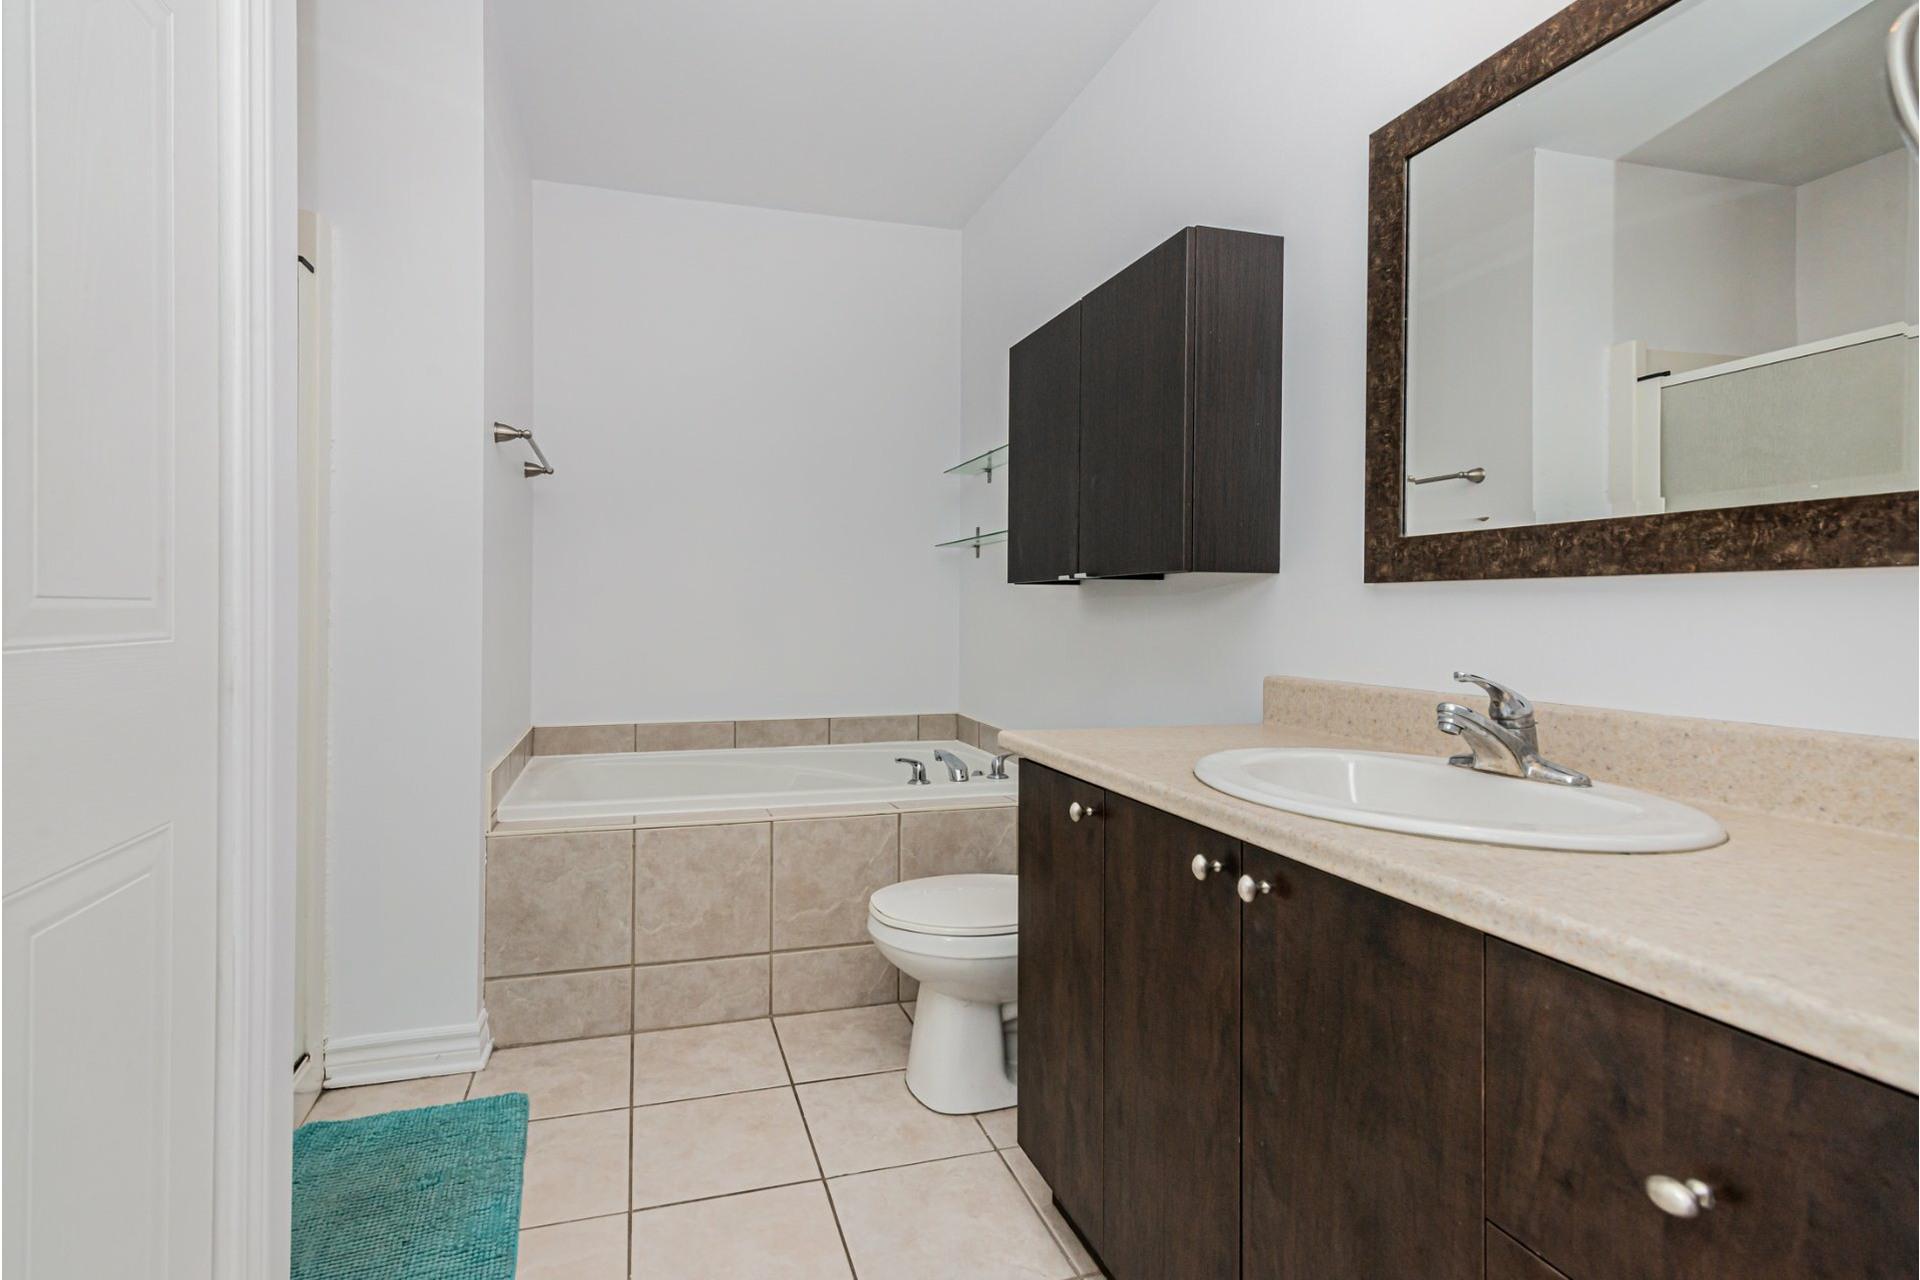 image 8 - Appartement À vendre Mercier/Hochelaga-Maisonneuve Montréal  - 4 pièces